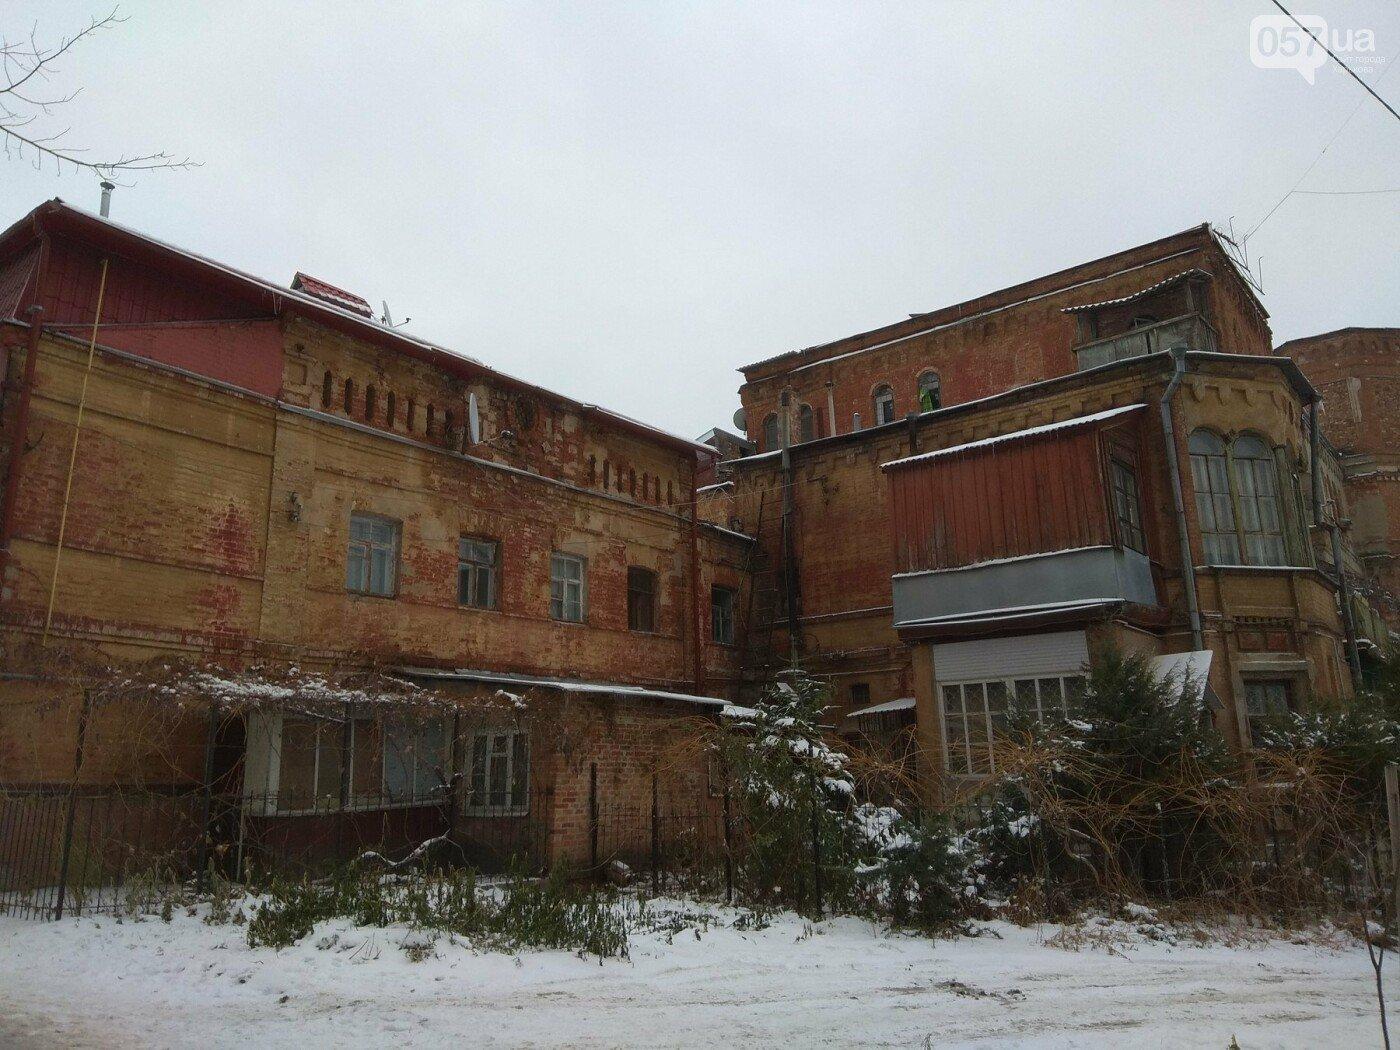 Доходные дома, бордели, и купеческий замок: ТОП-5 старинных зданий Харькова, - ФОТО, фото-2